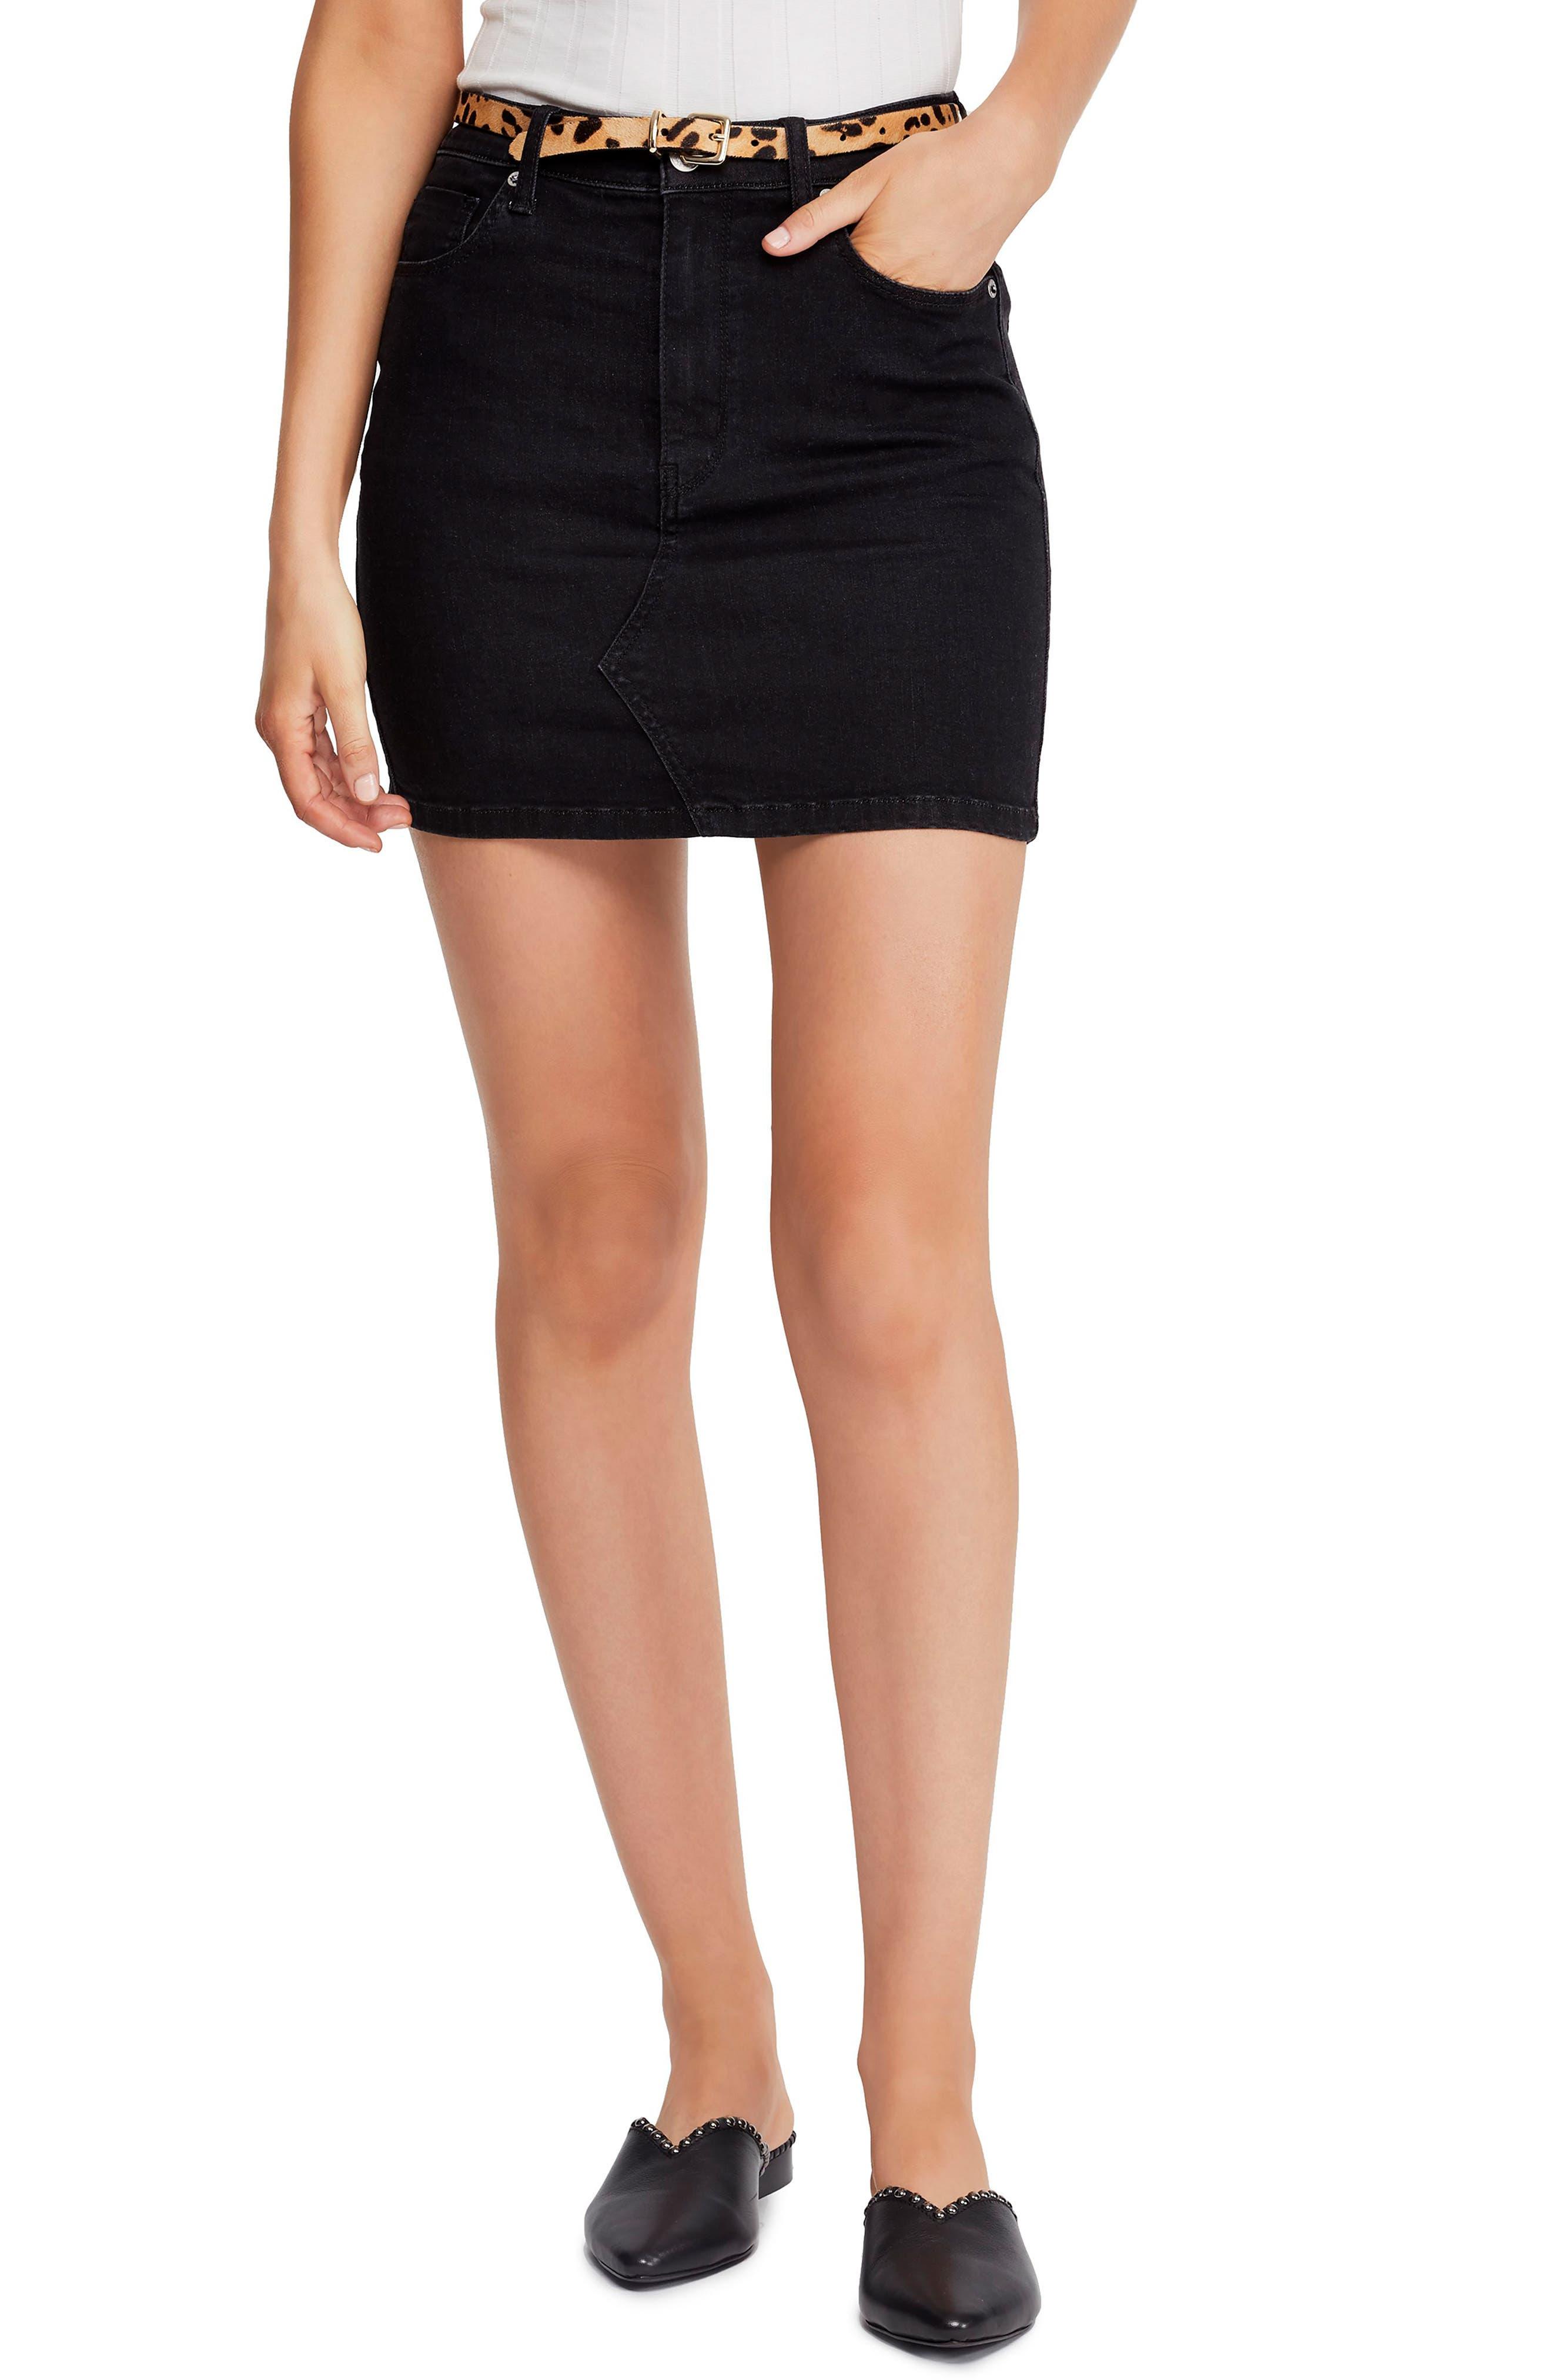 Free People Teagan Denim Miniskirt, Black